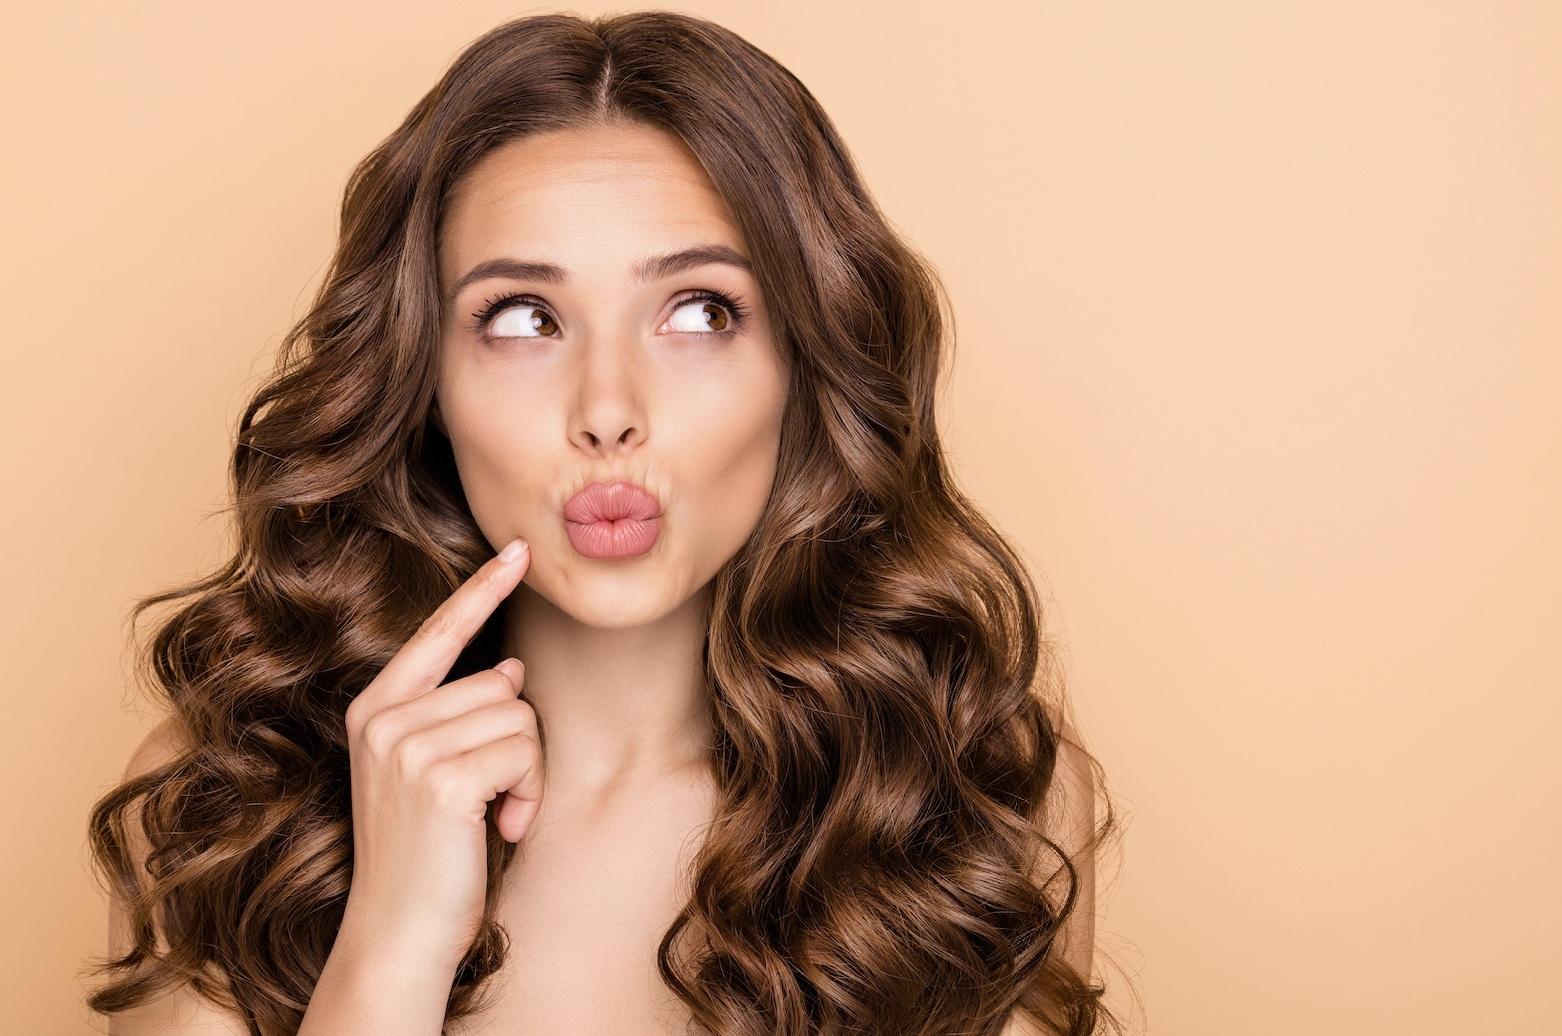 γυναικεία λαμπερά μαλλιά